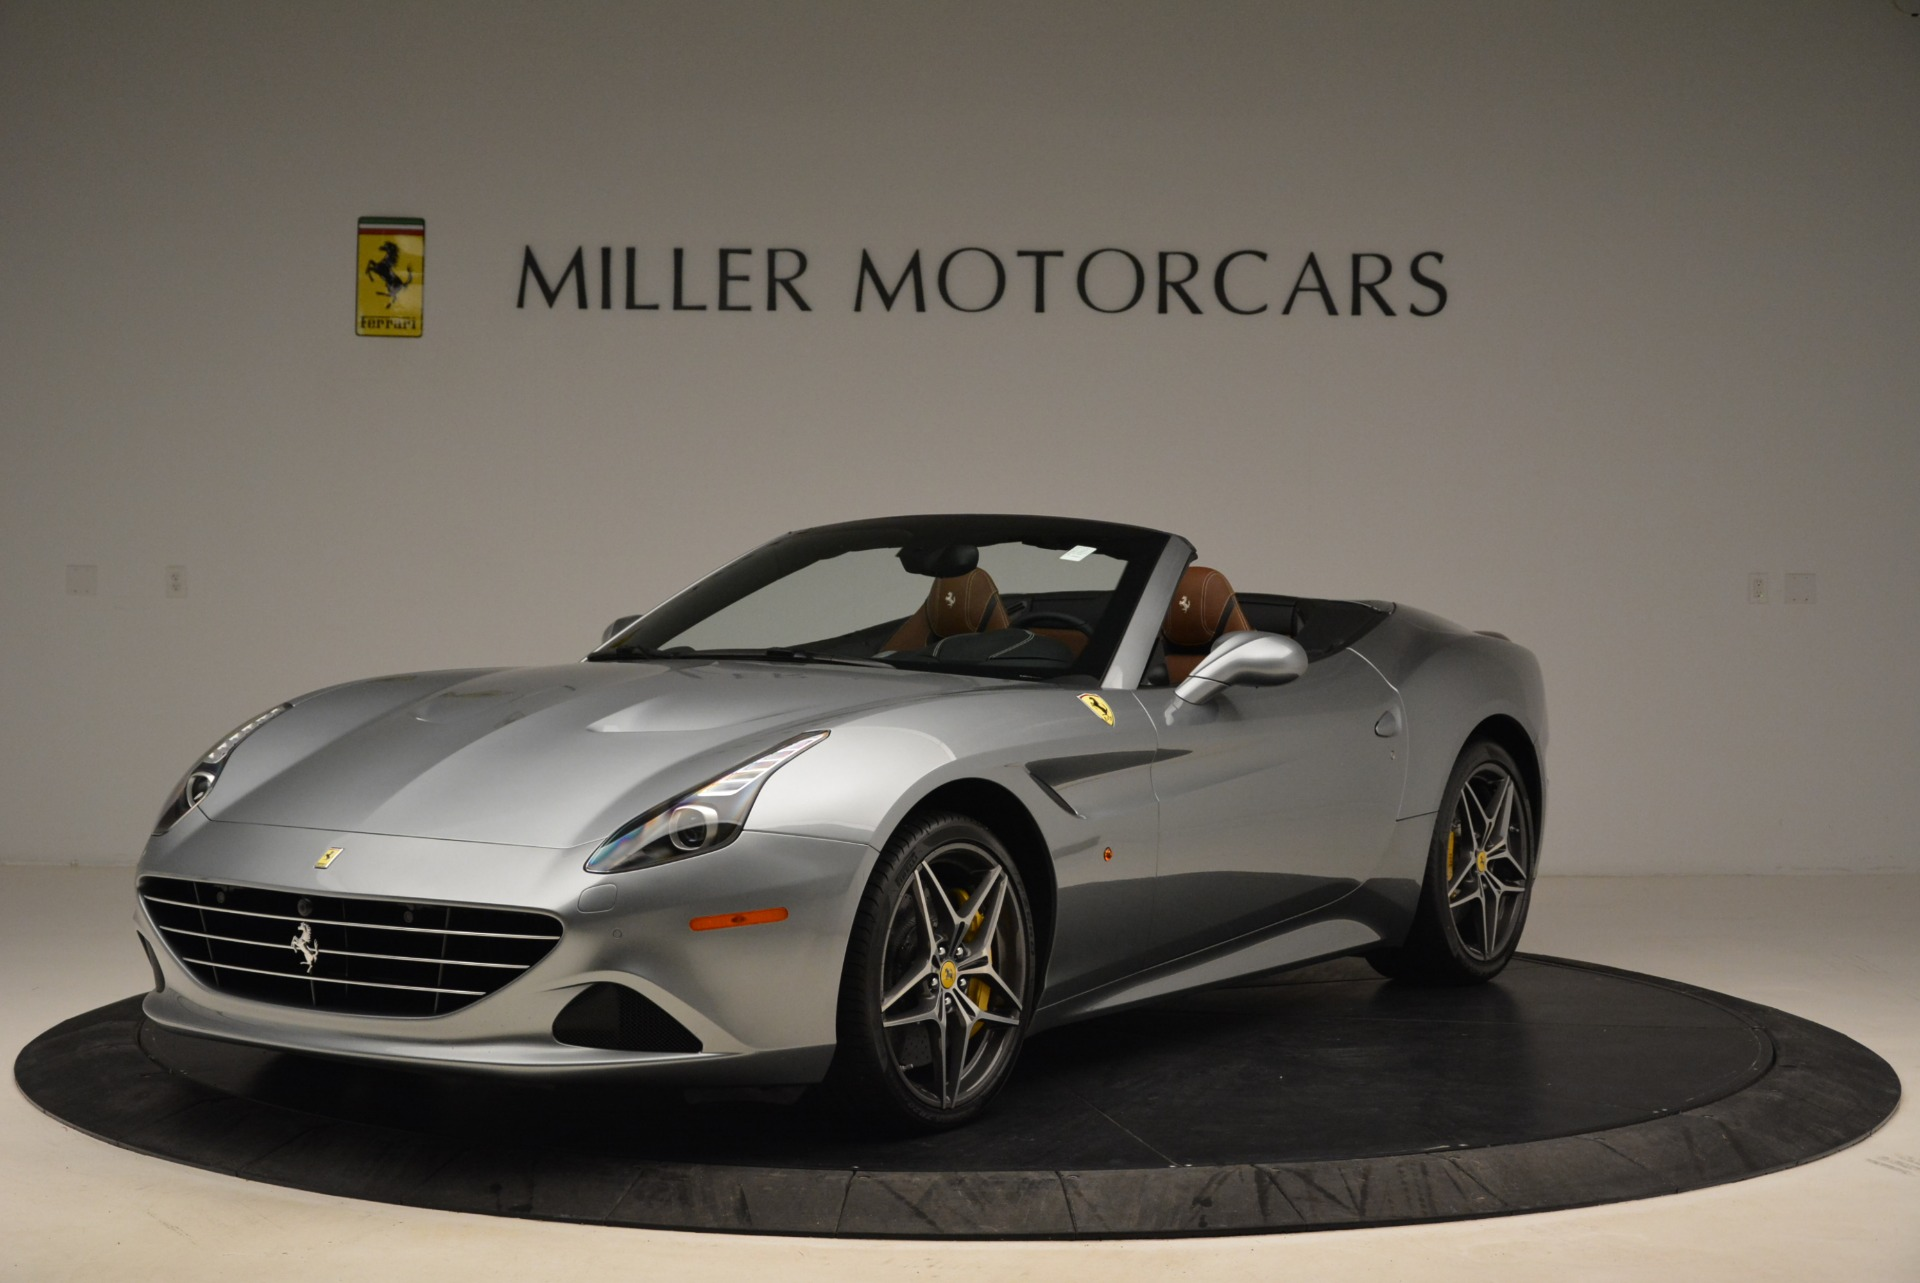 Used 2018 Ferrari California T for sale Sold at Maserati of Westport in Westport CT 06880 1